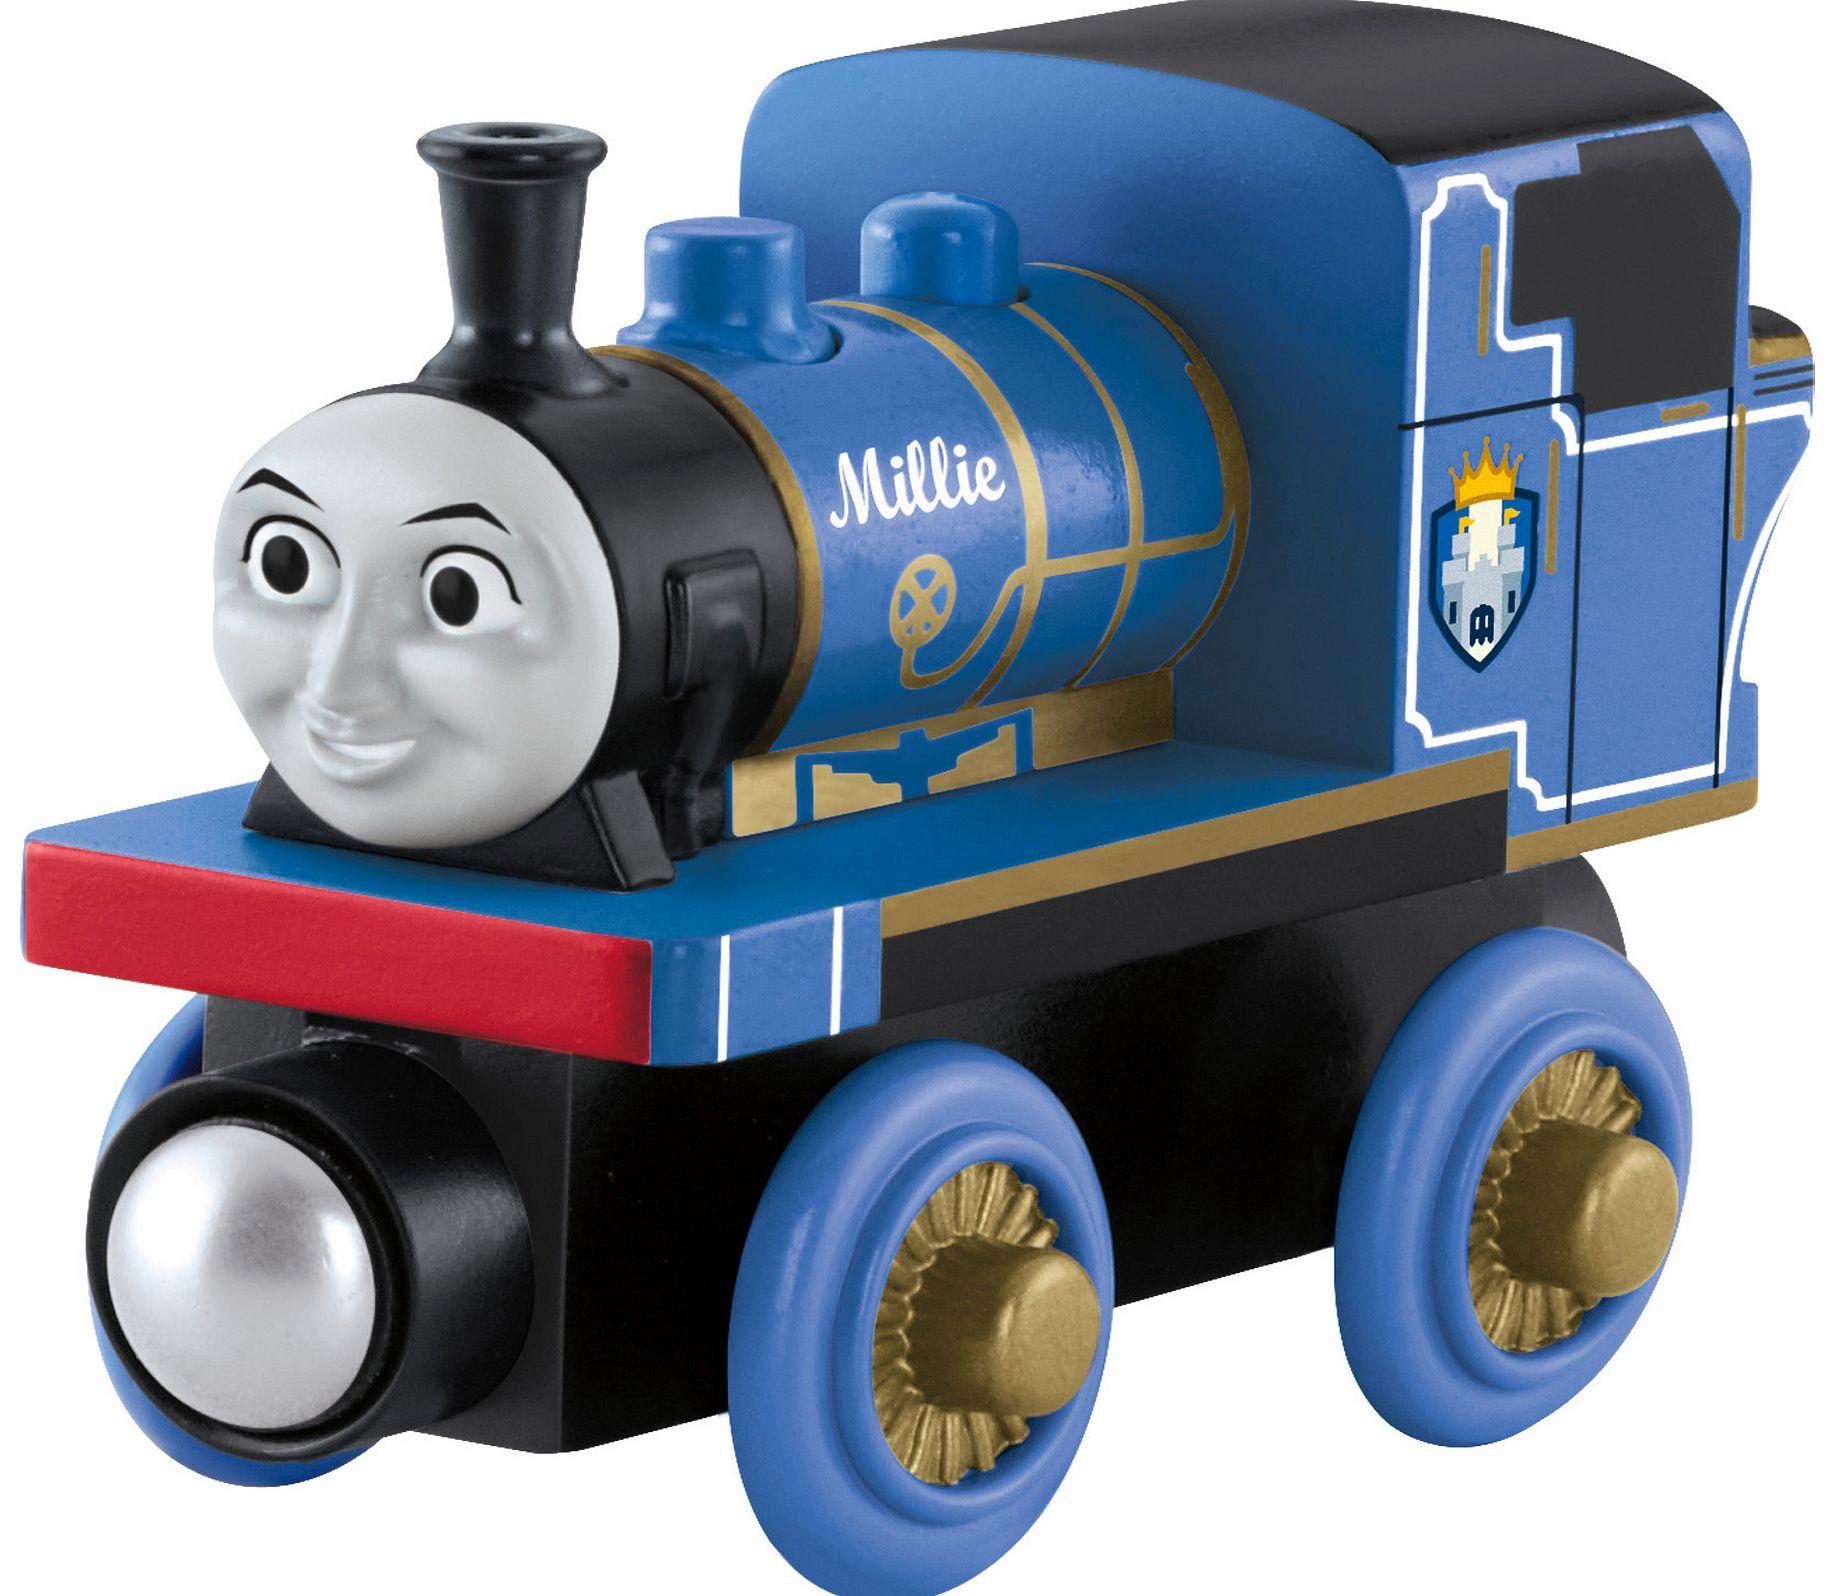 Thomas The Train Set Lego 5547 Duplo James Celebrates Sodor Day